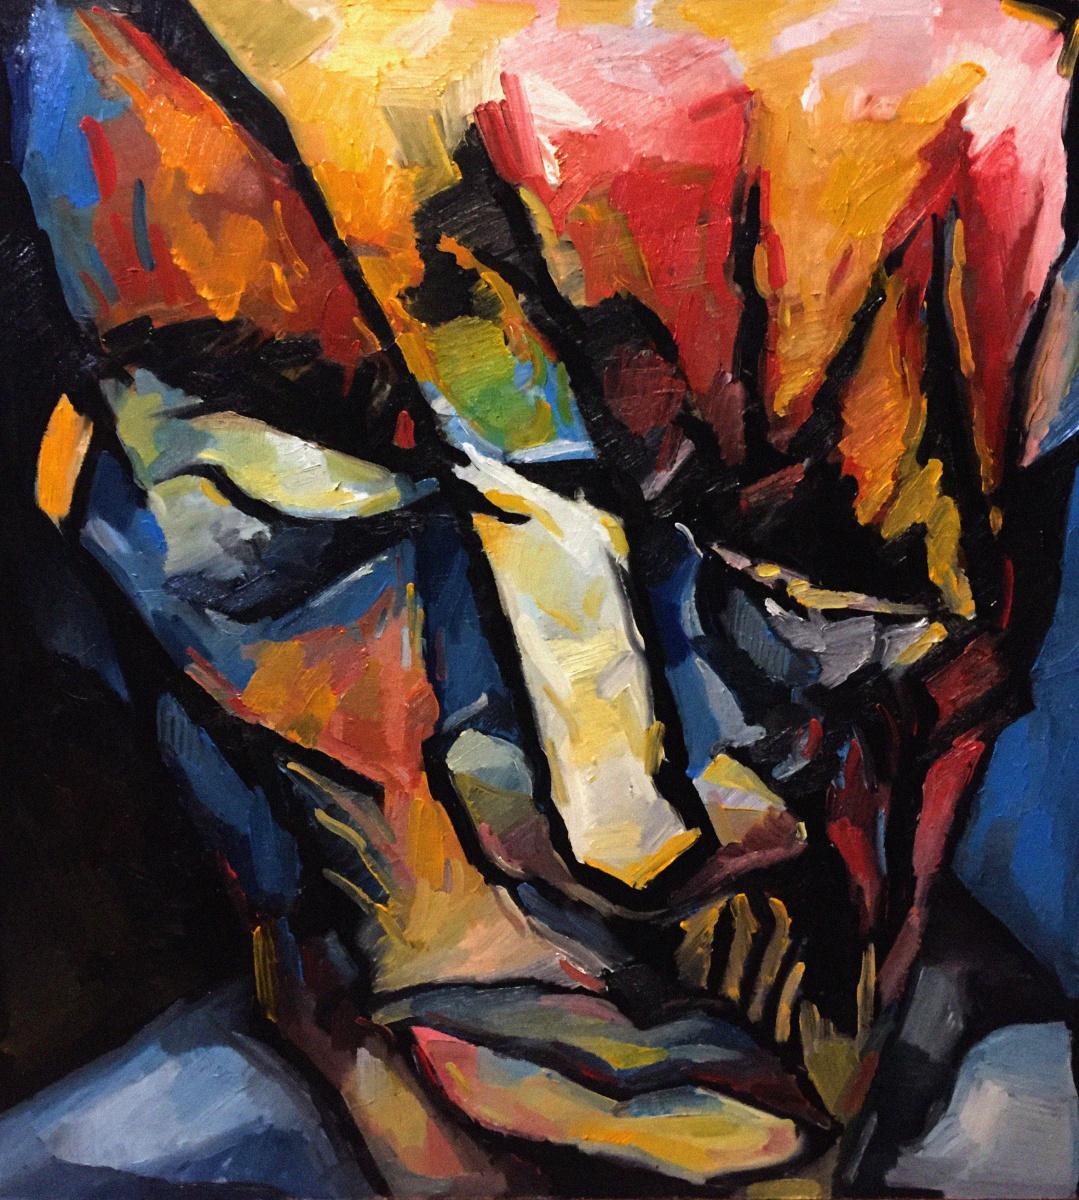 Anton Evdokimow. Self-portrait 2018